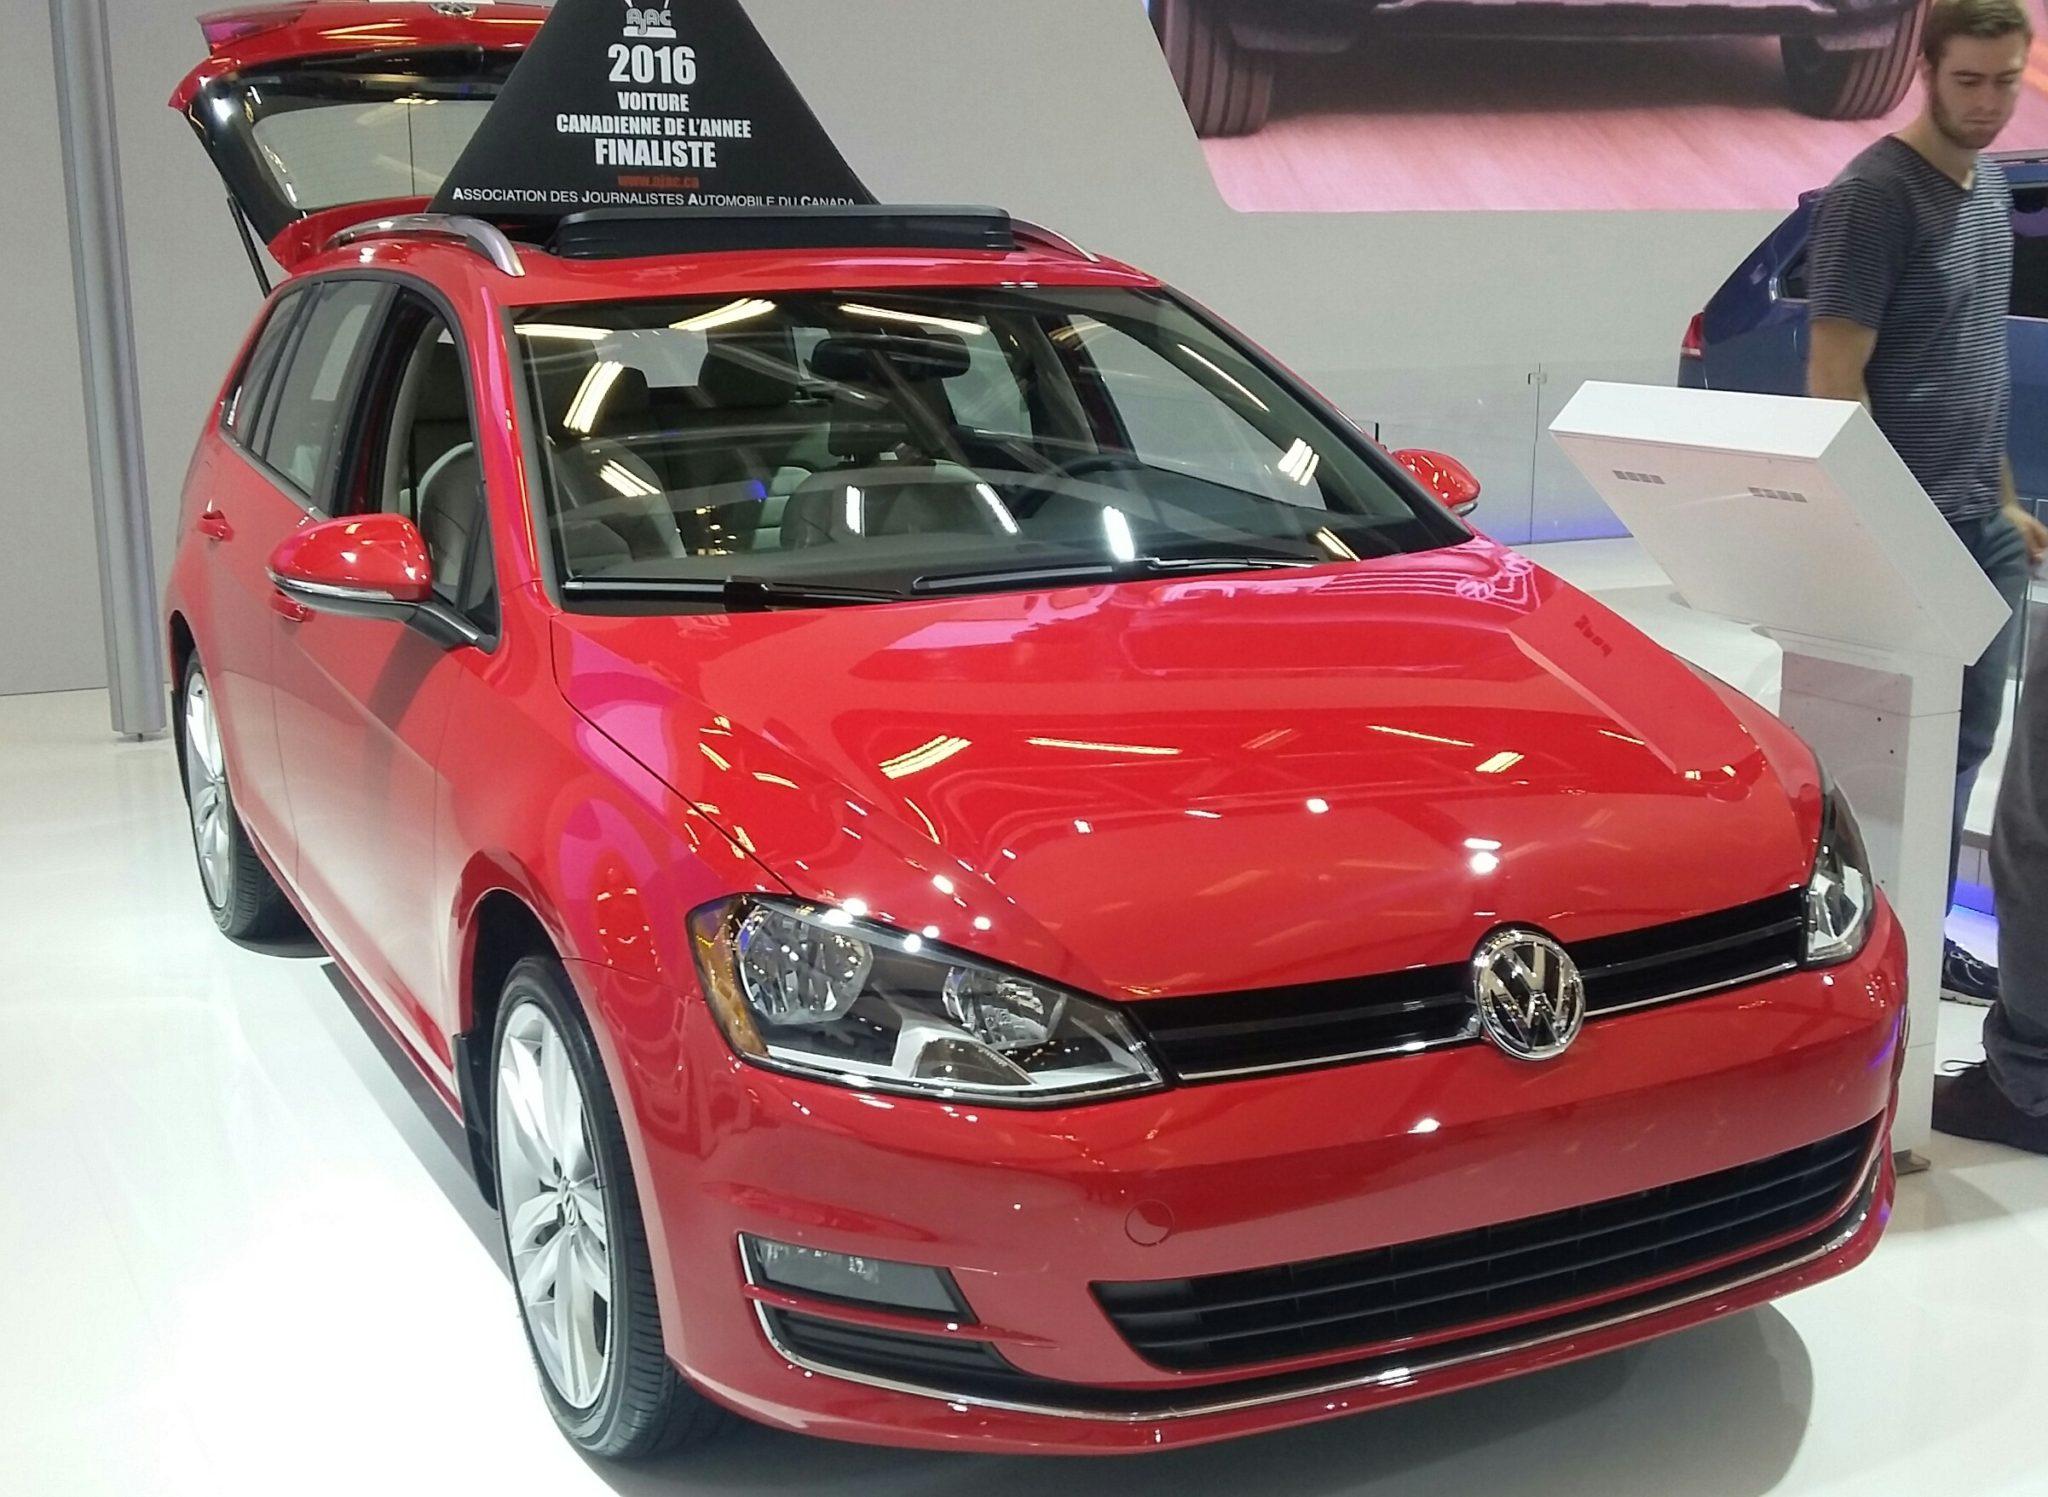 VW sportwagen car